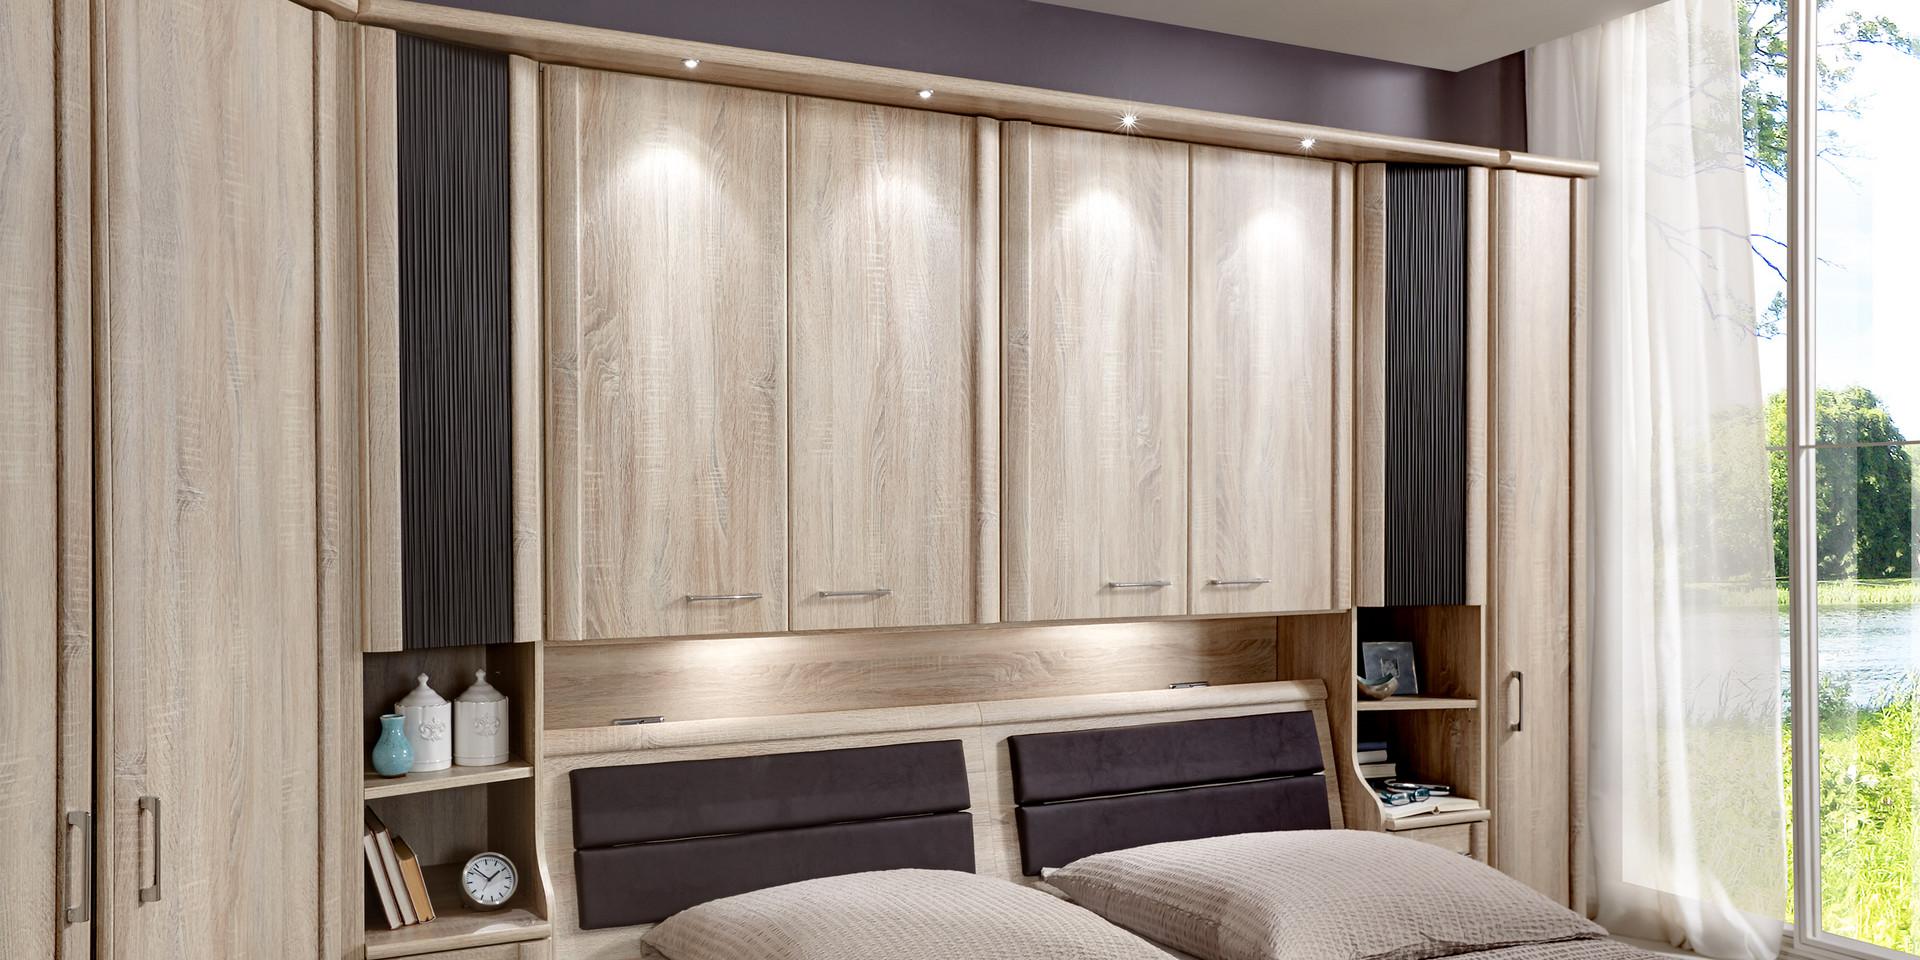 Full Size of Erleben Sie Das Schlafzimmer Luxor 3 4 Mbelhersteller Wiemann Landhausstil Schränke Günstige Komplett Mit Lattenrost Und Matratze Moderne Esstische Wohnzimmer überbau Schlafzimmer Modern